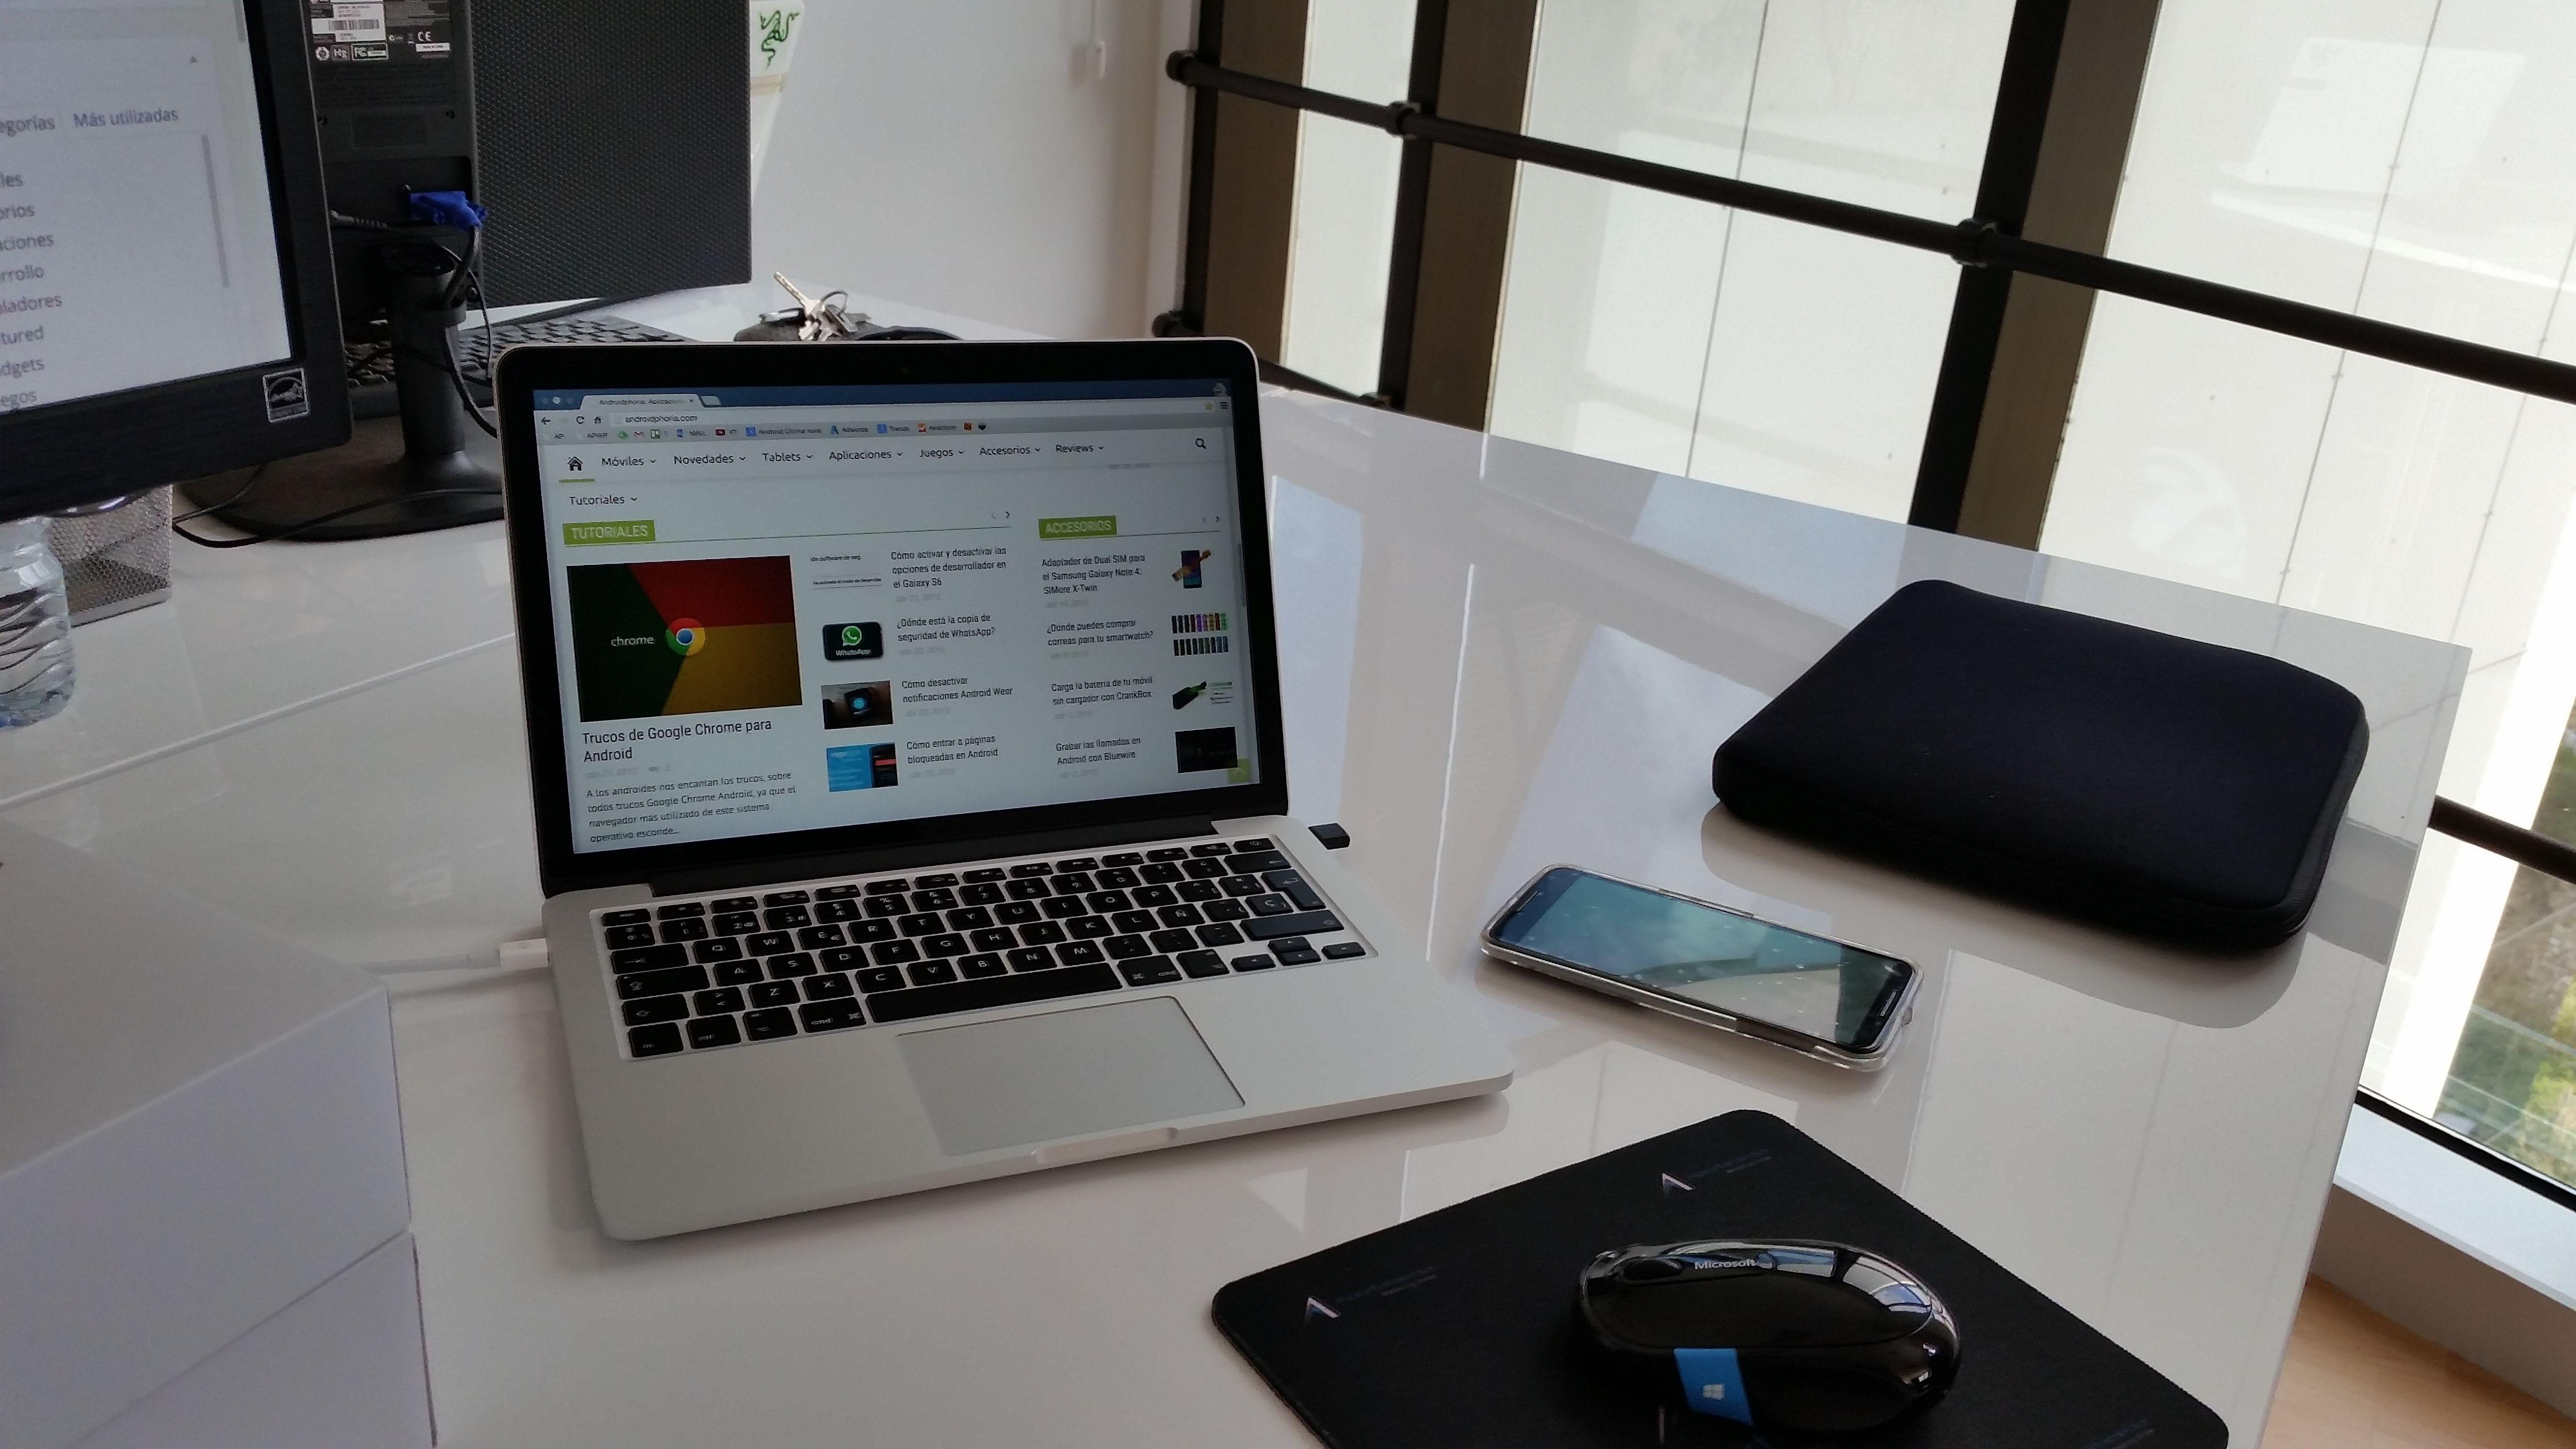 Archivos por Wifi de Android a Mac